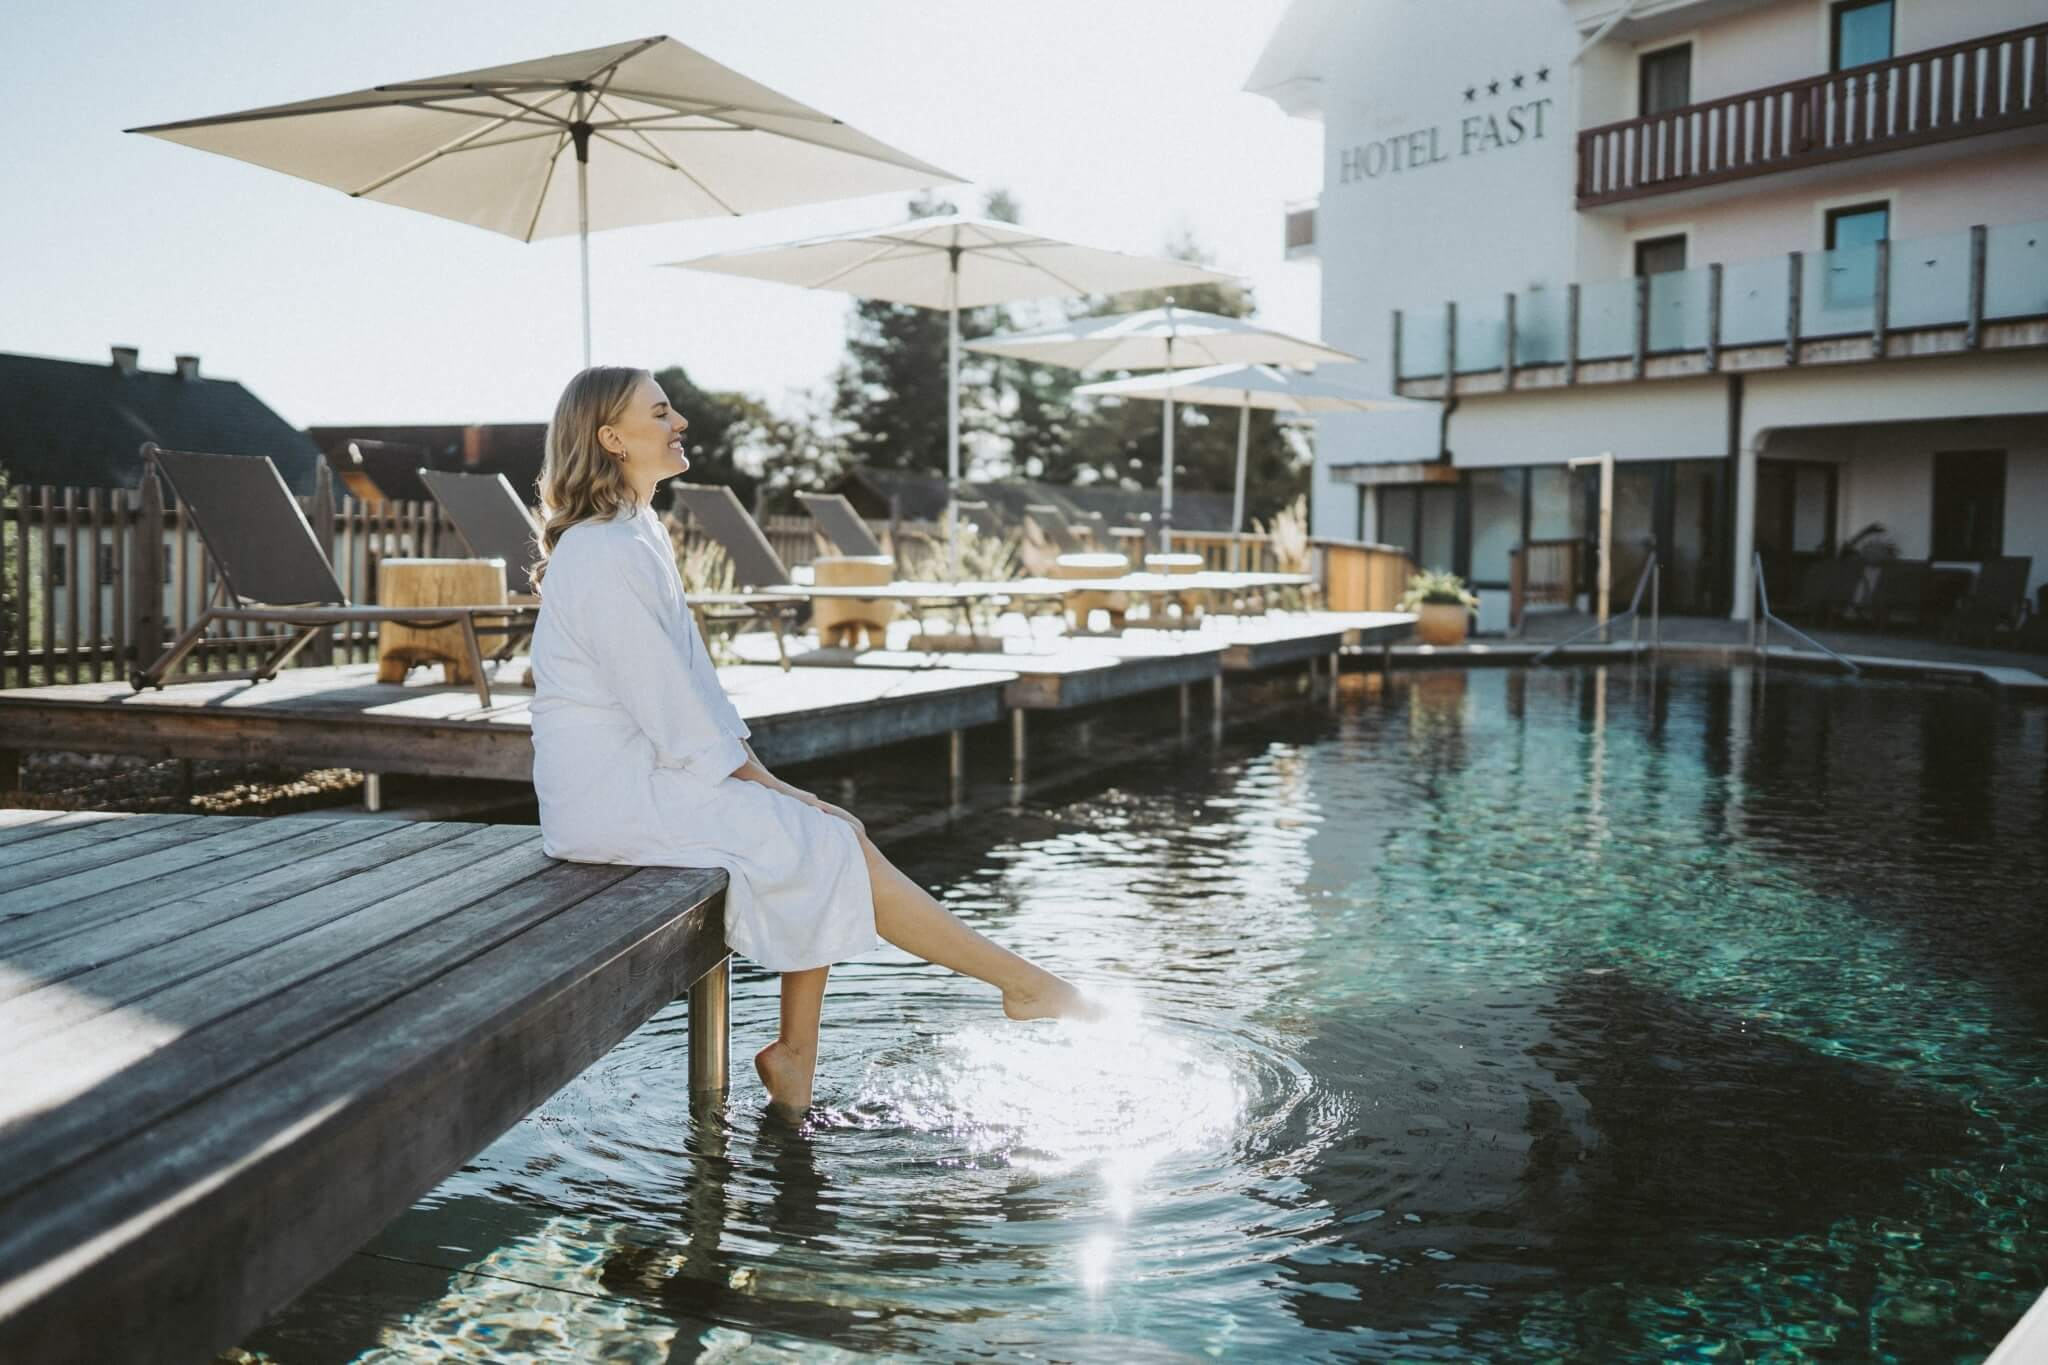 Frau sitzt am Rand von Pool, Beine im Wasser